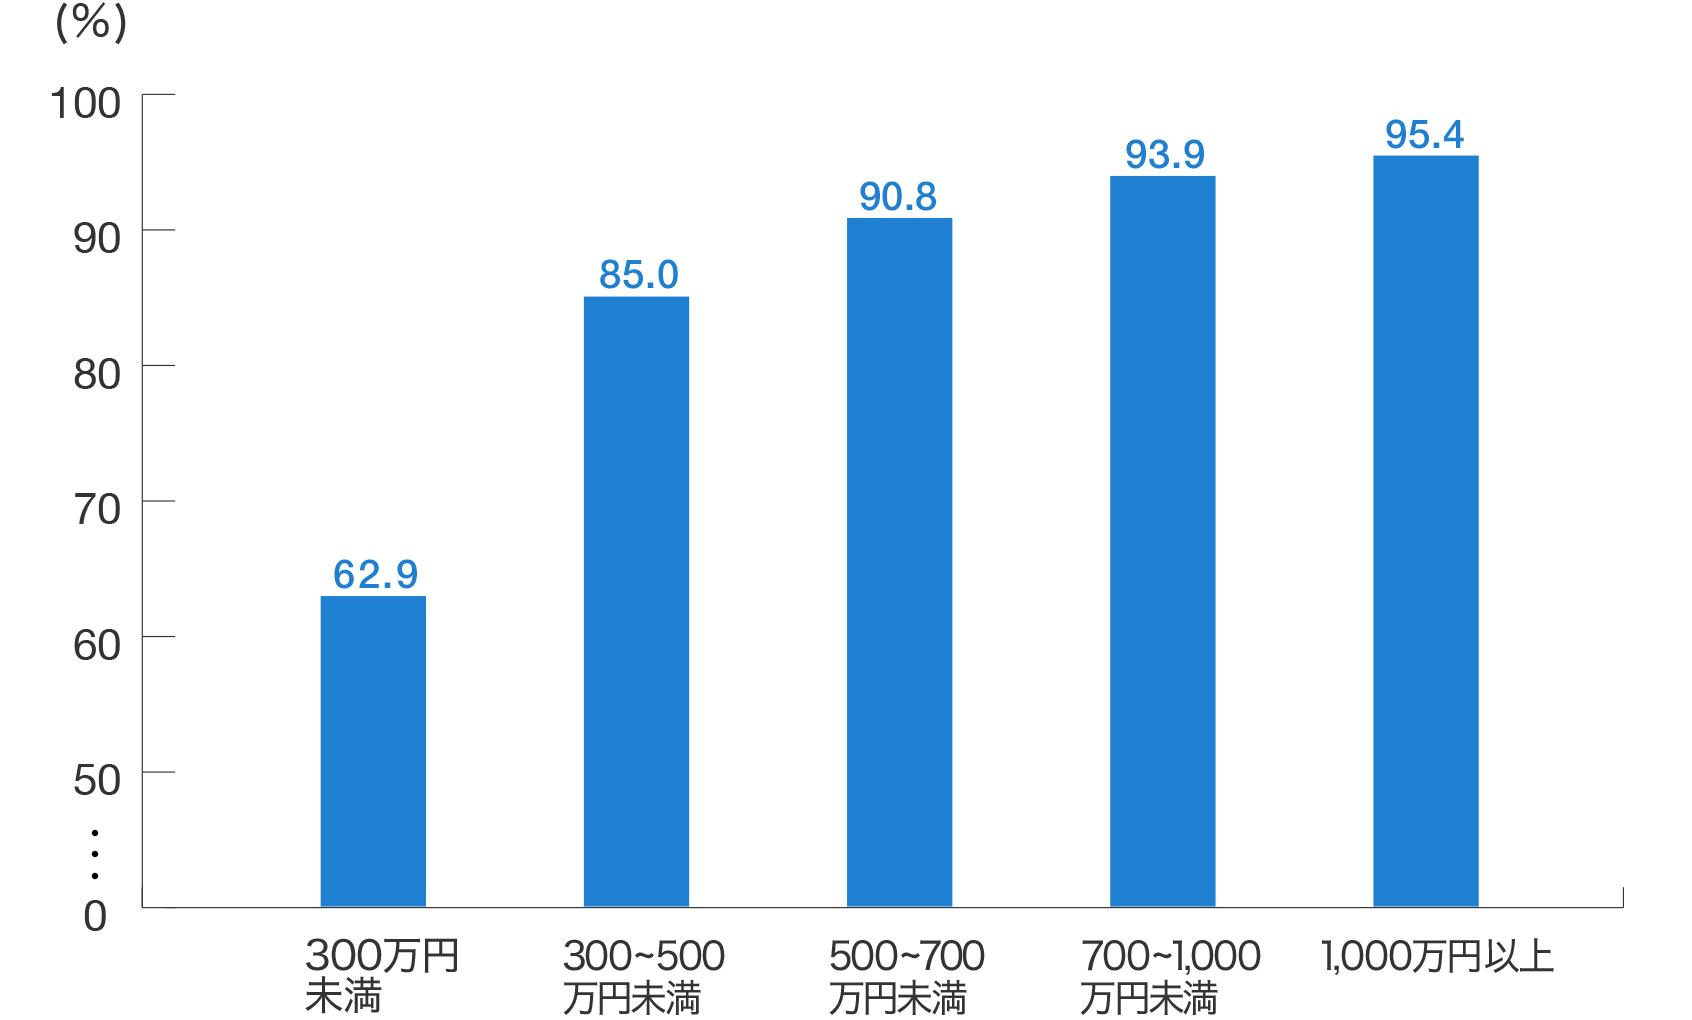 生命保険の加入率(年収別)